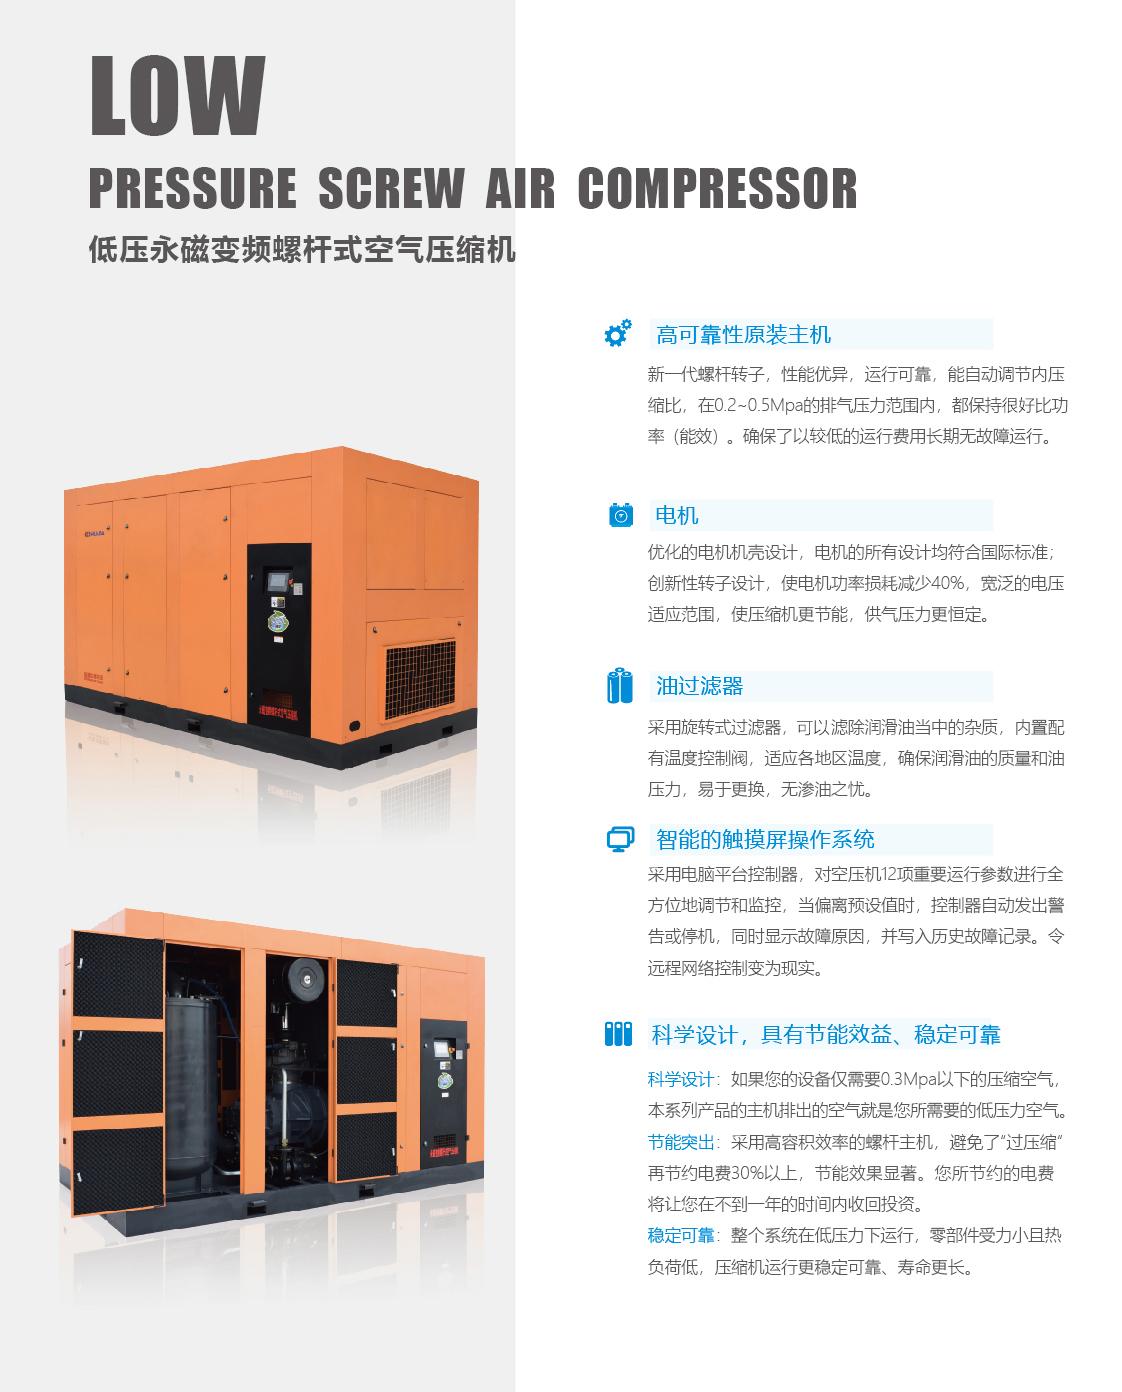 低压螺杆式空气压缩机